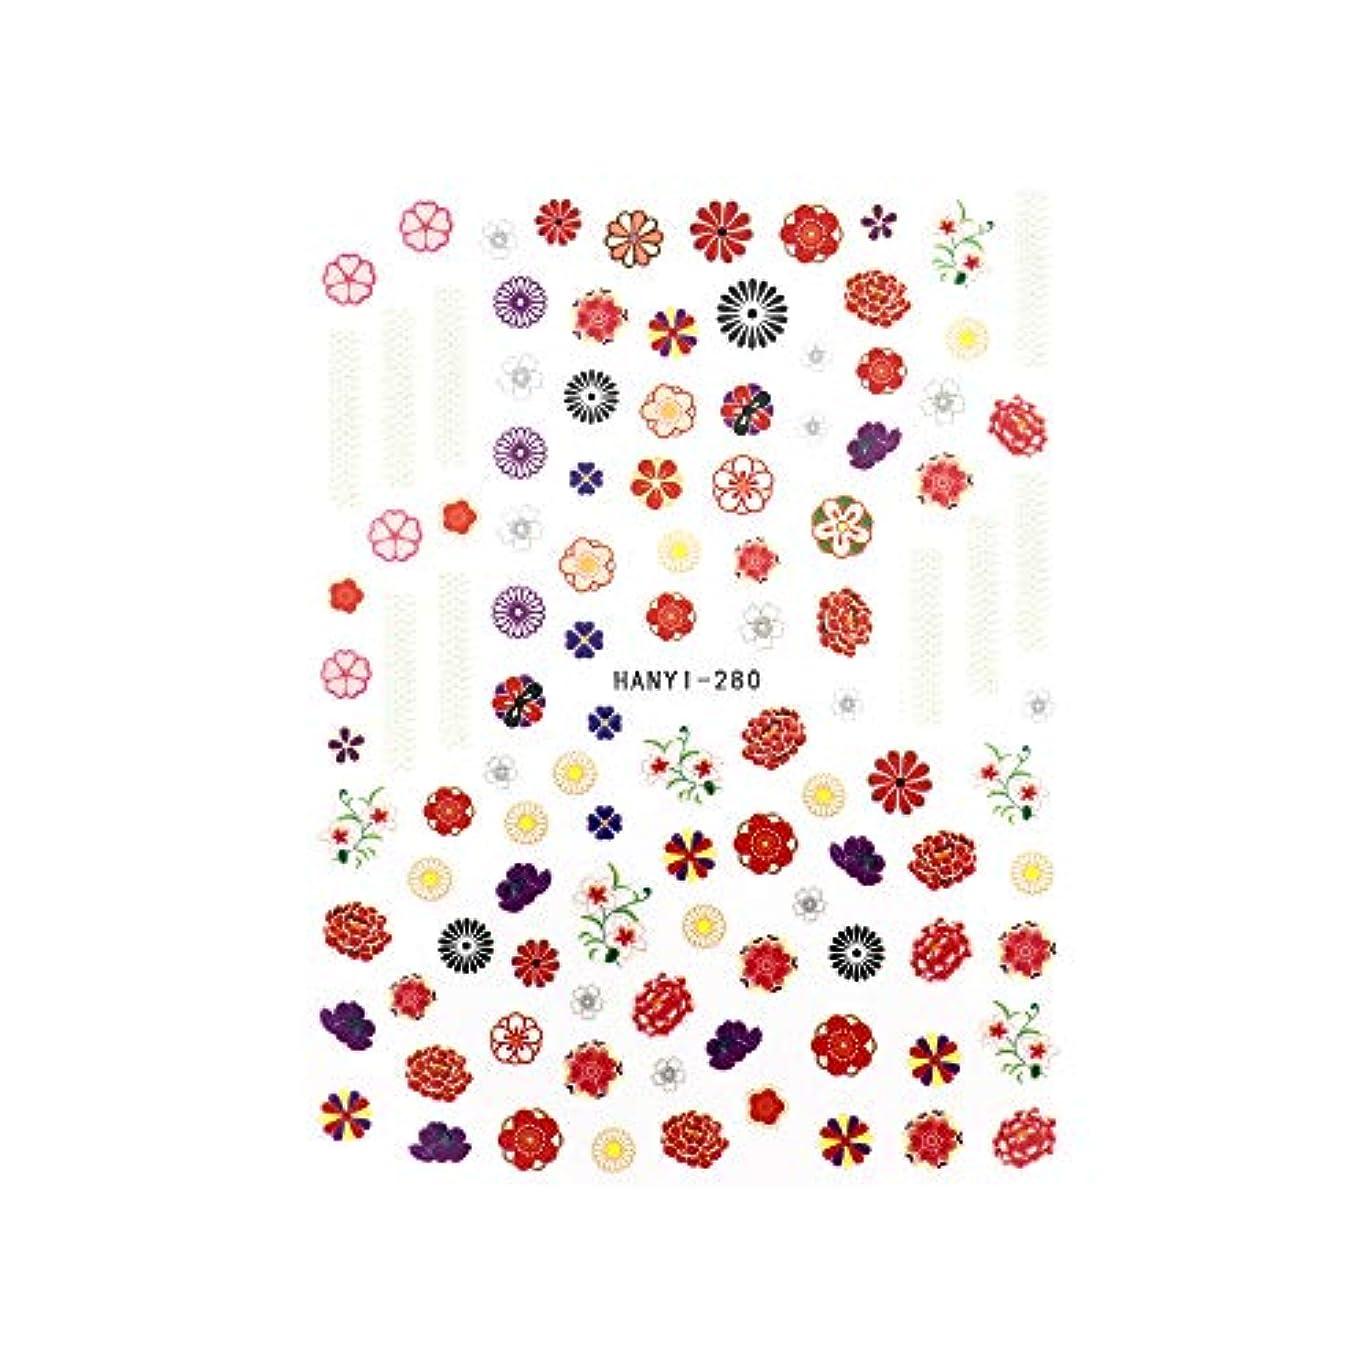 機知に富んだ冷淡な句ネイルシール 古典和花シール【HANYI-280】古典和花シール レッドフラワーネイル 花柄 和柄ネイル 和装ネイル フラワーシール 浴衣 着物 桜 牡丹